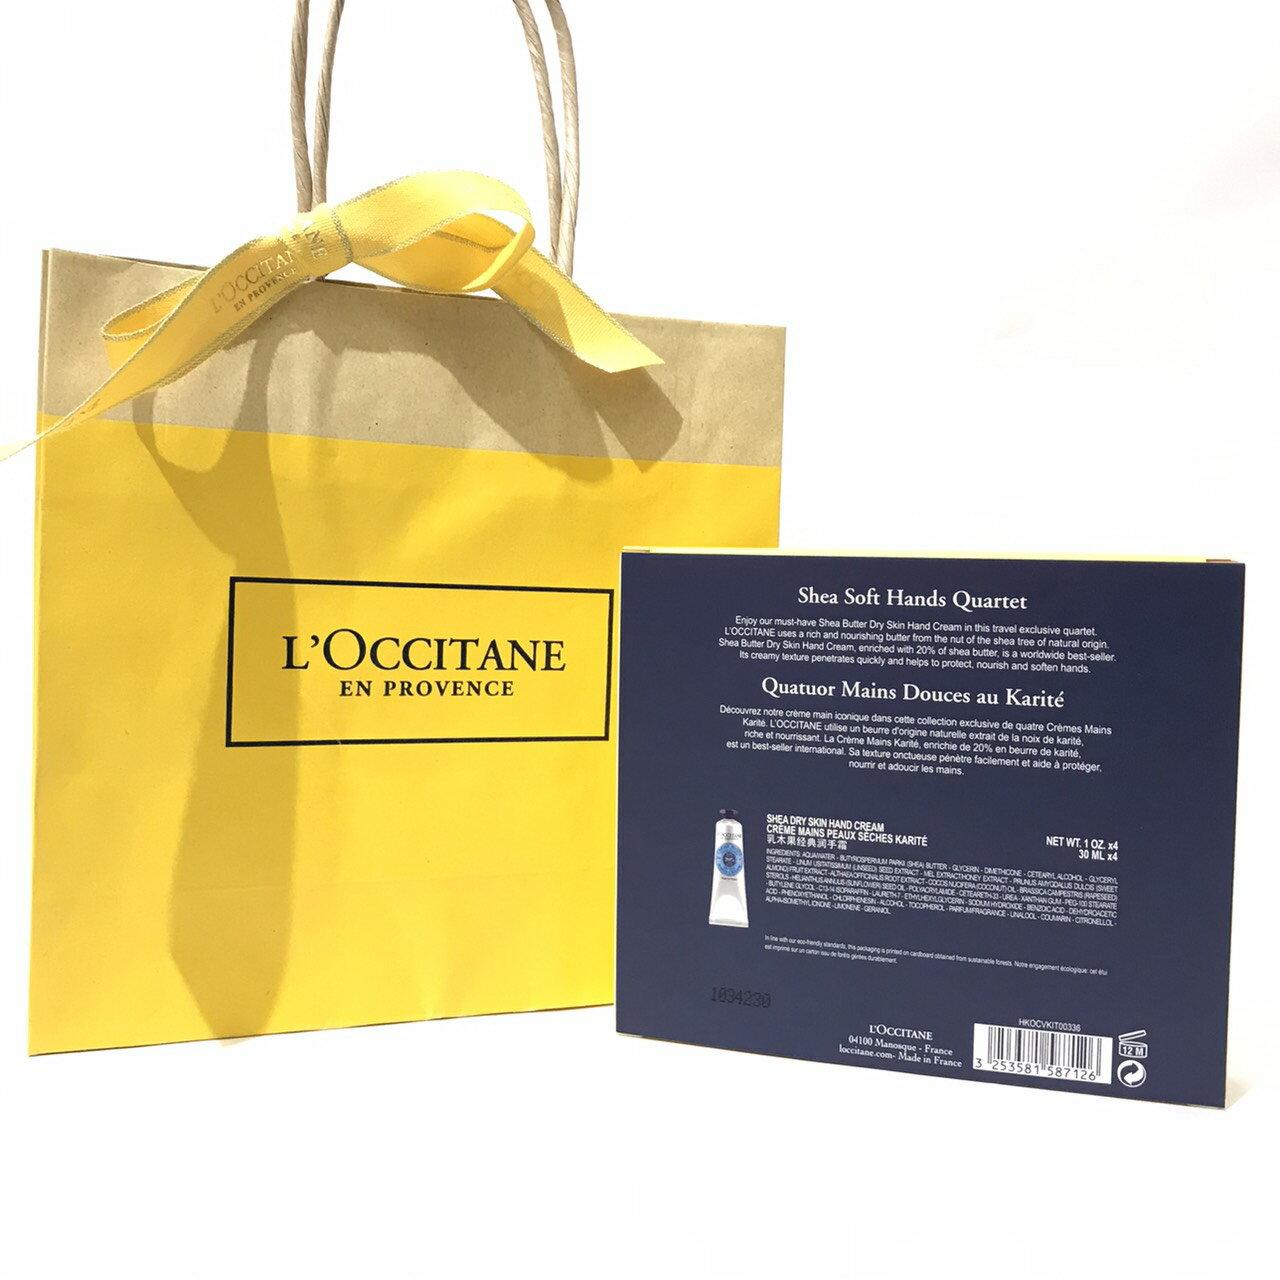 超值組 限量 優惠【L'OCCITANE 歐舒丹】禮盒 四入裝 禮物 乳油木 護手霜  附品牌提袋 交換禮物